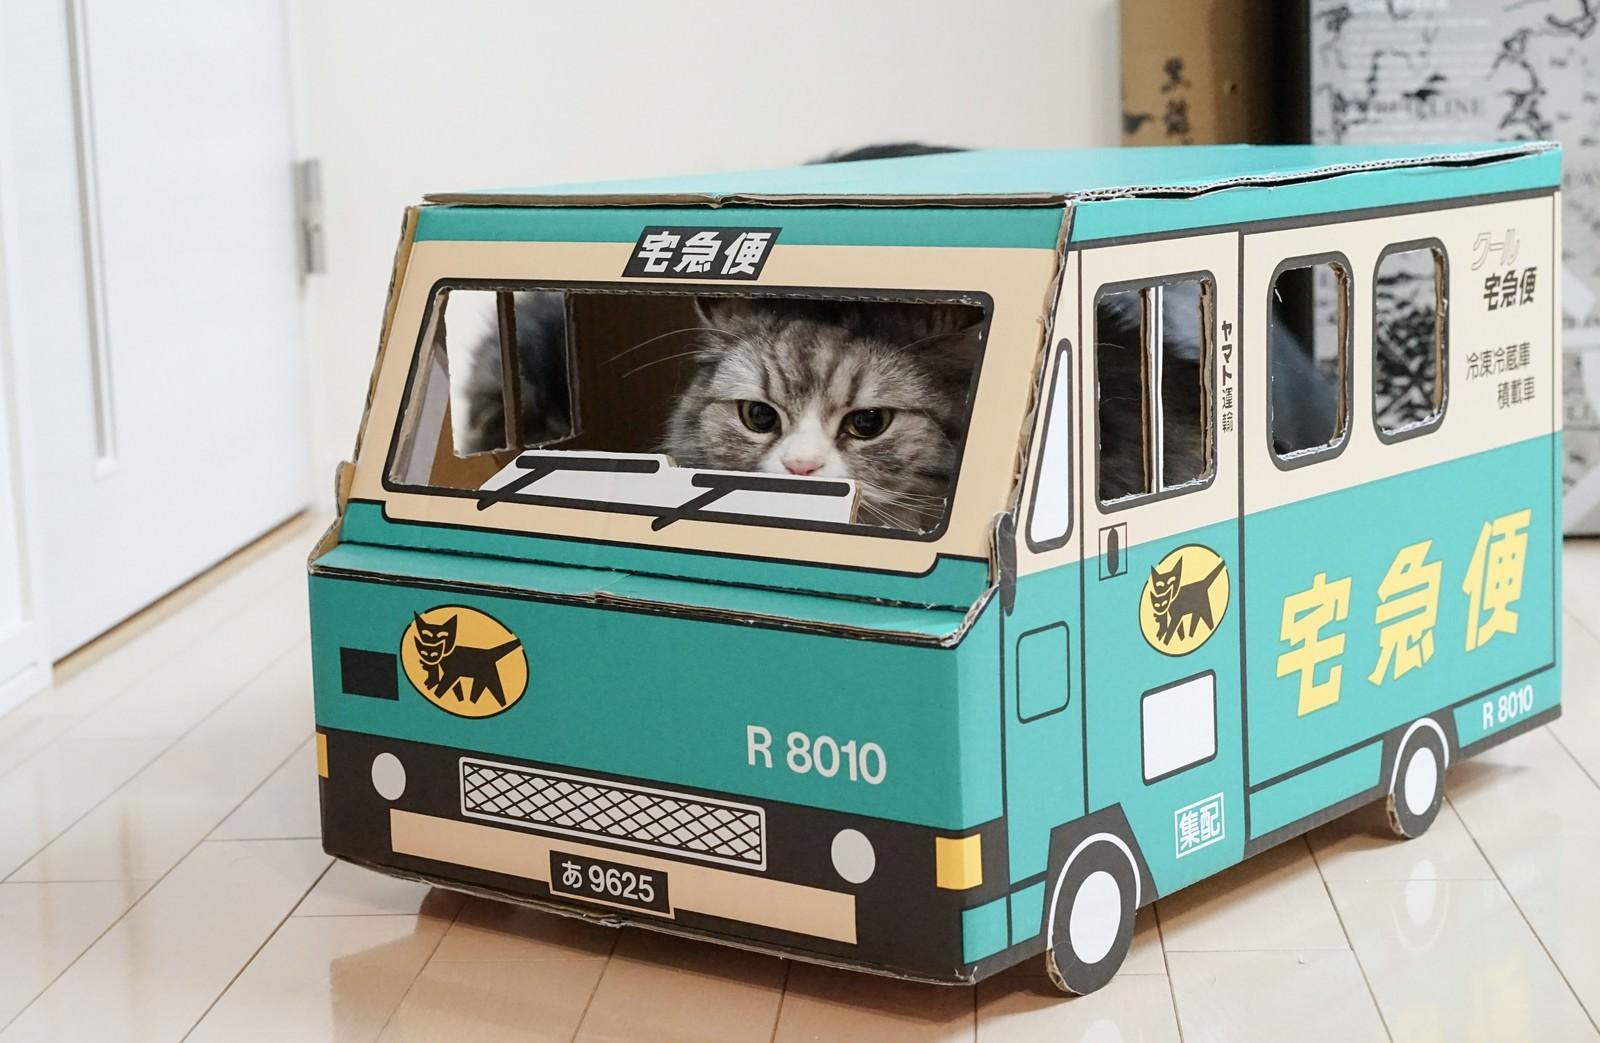 「荷物をお届けにあがりましたー(猫)」